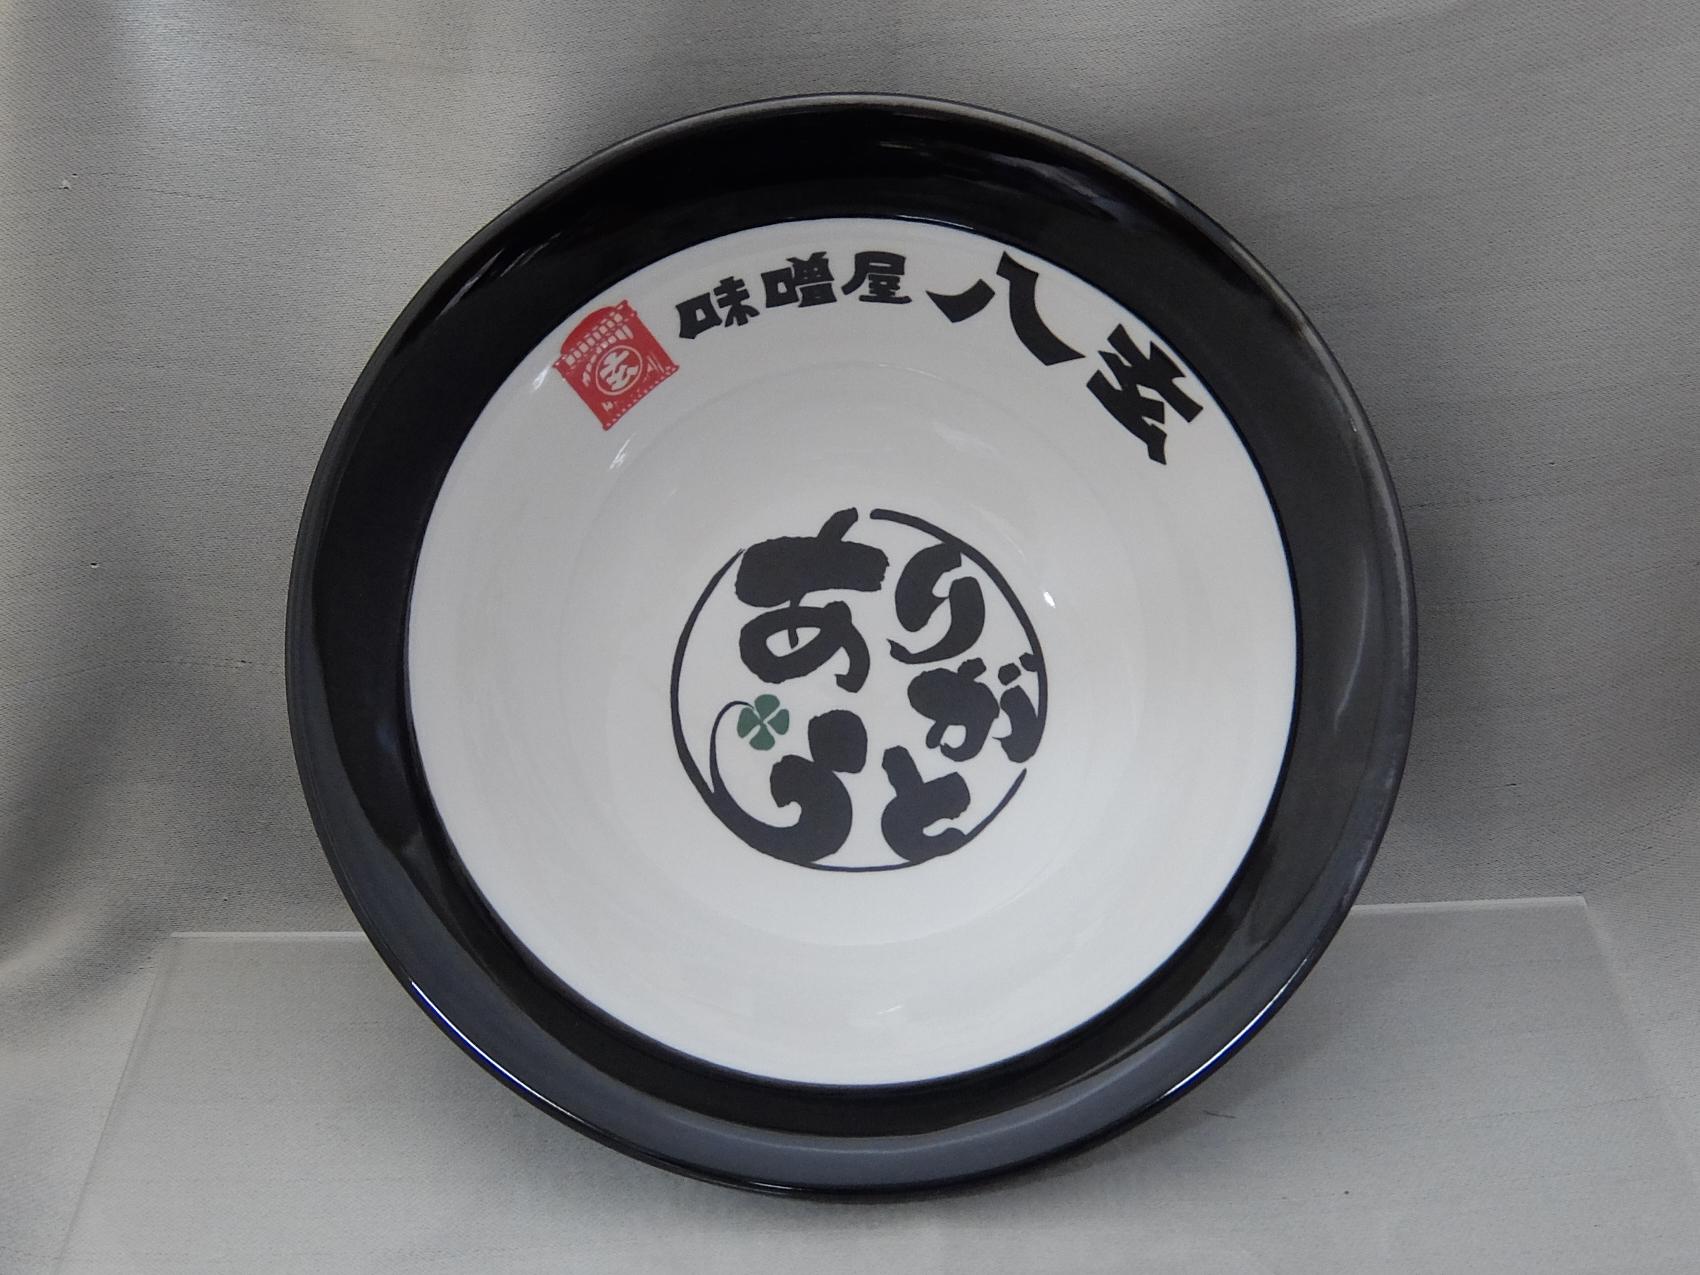 7.5コスパ丼 黒釉内白